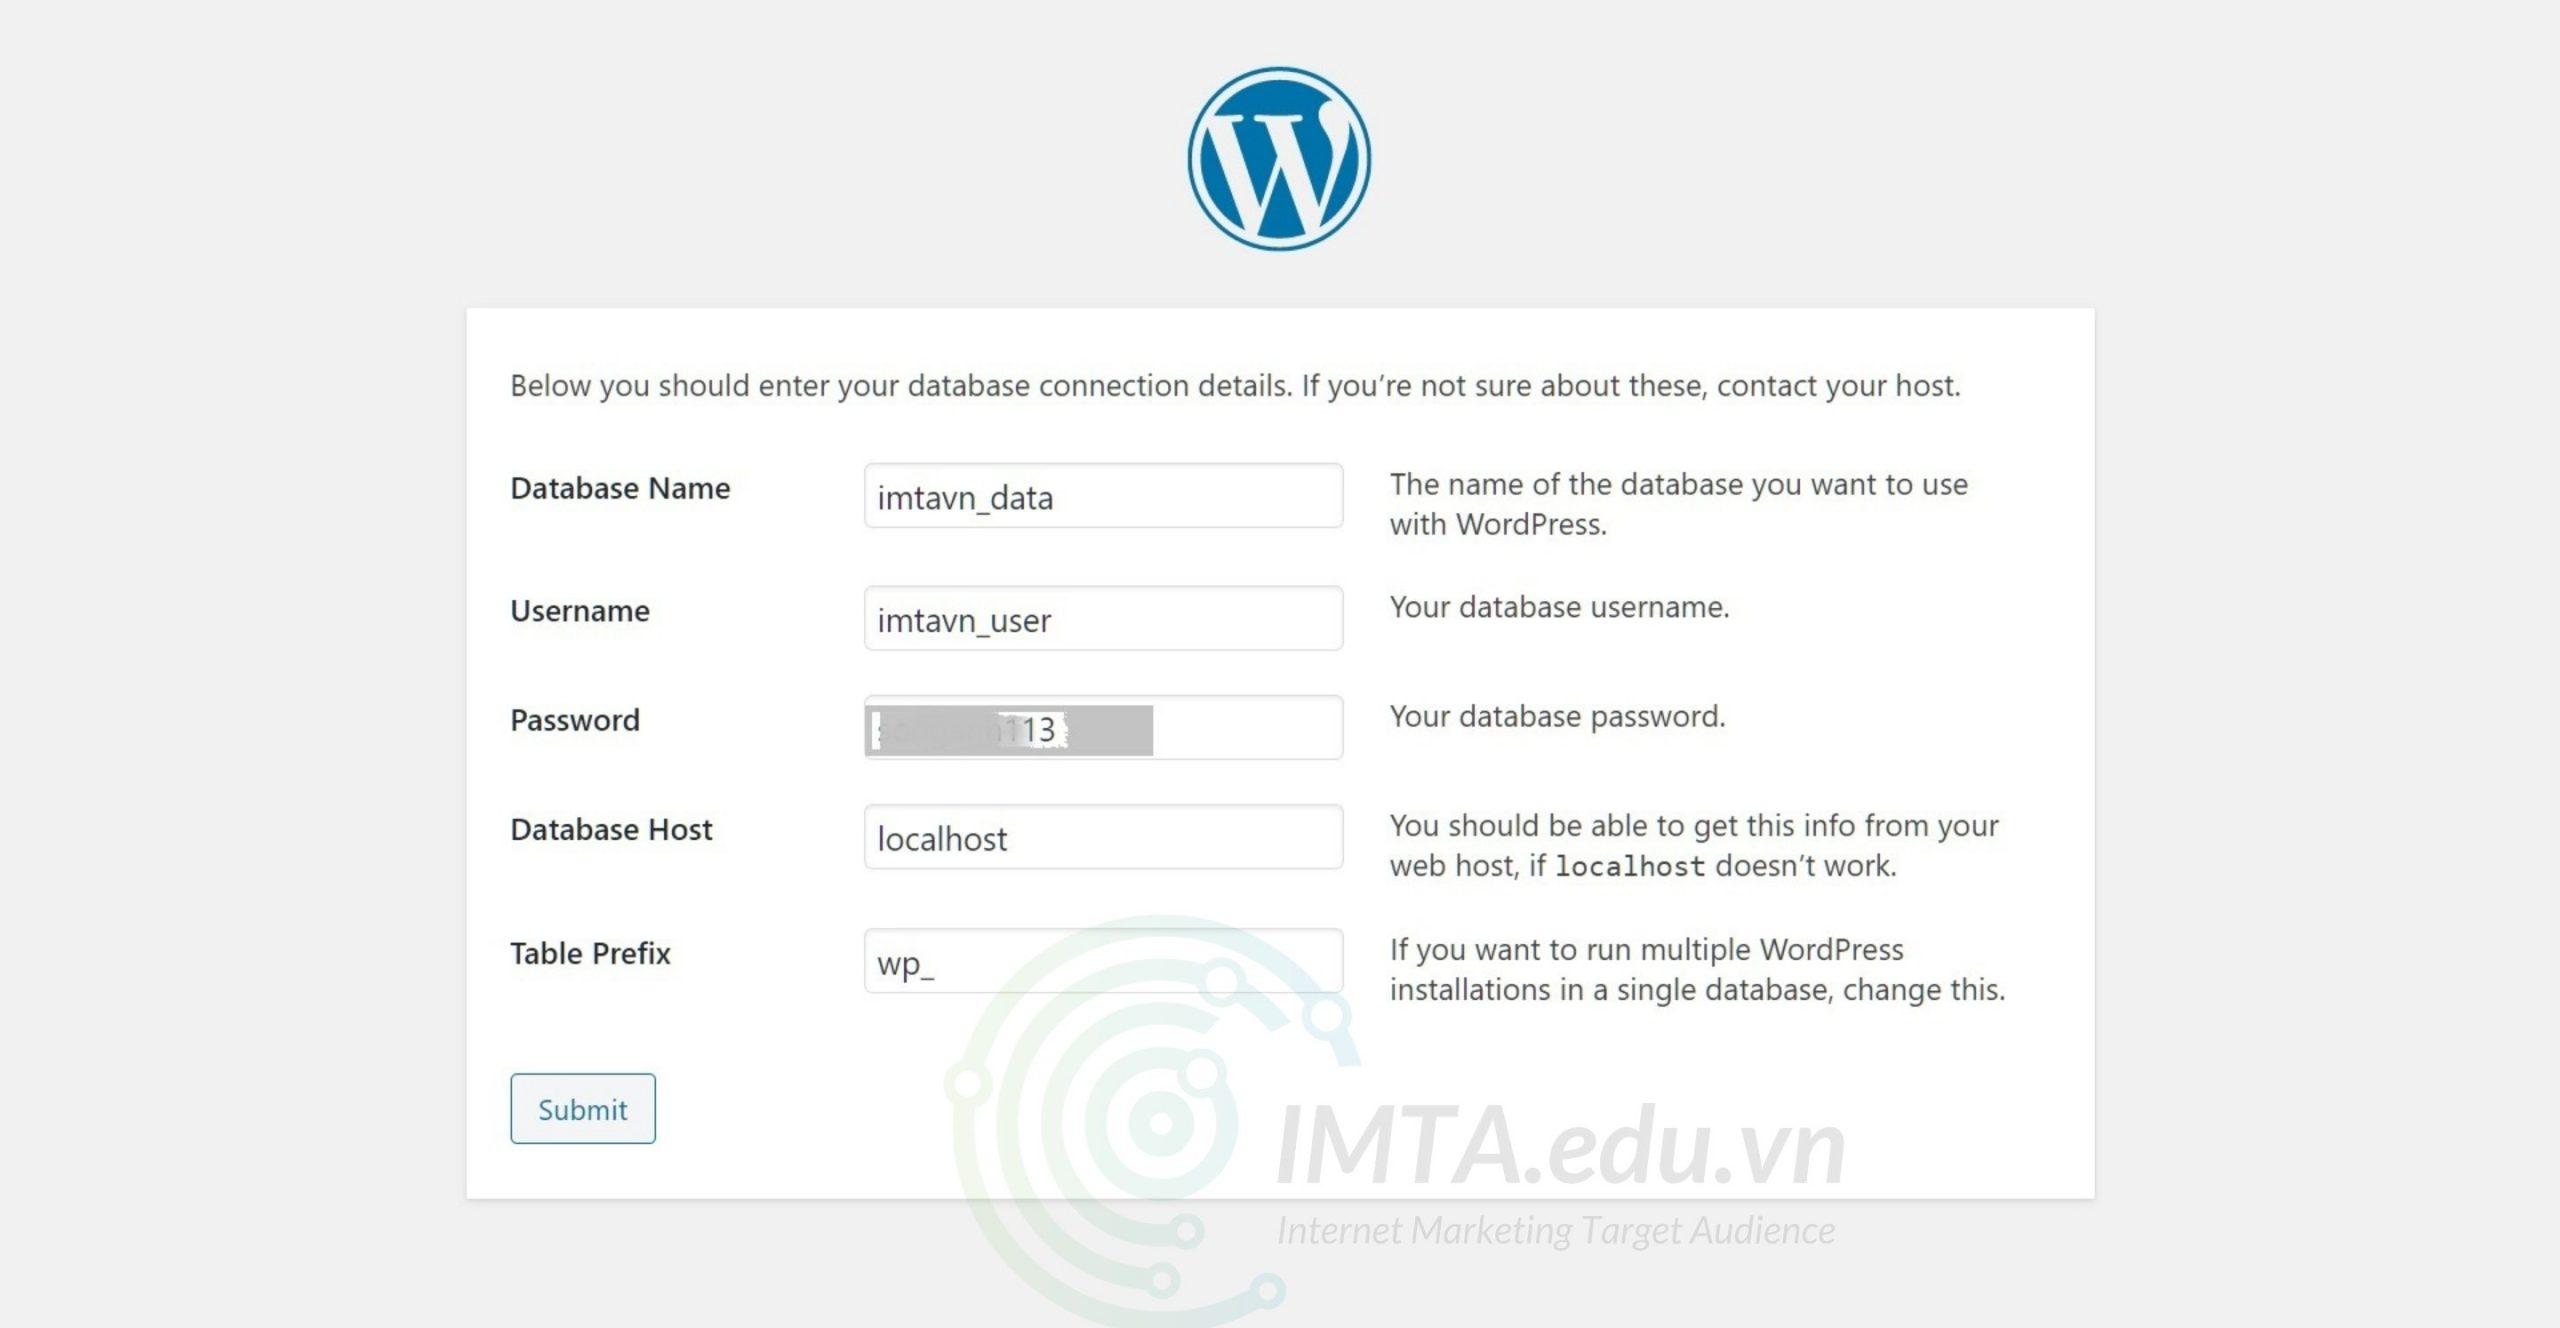 Điền thông tin kết nối user - database với WordPress